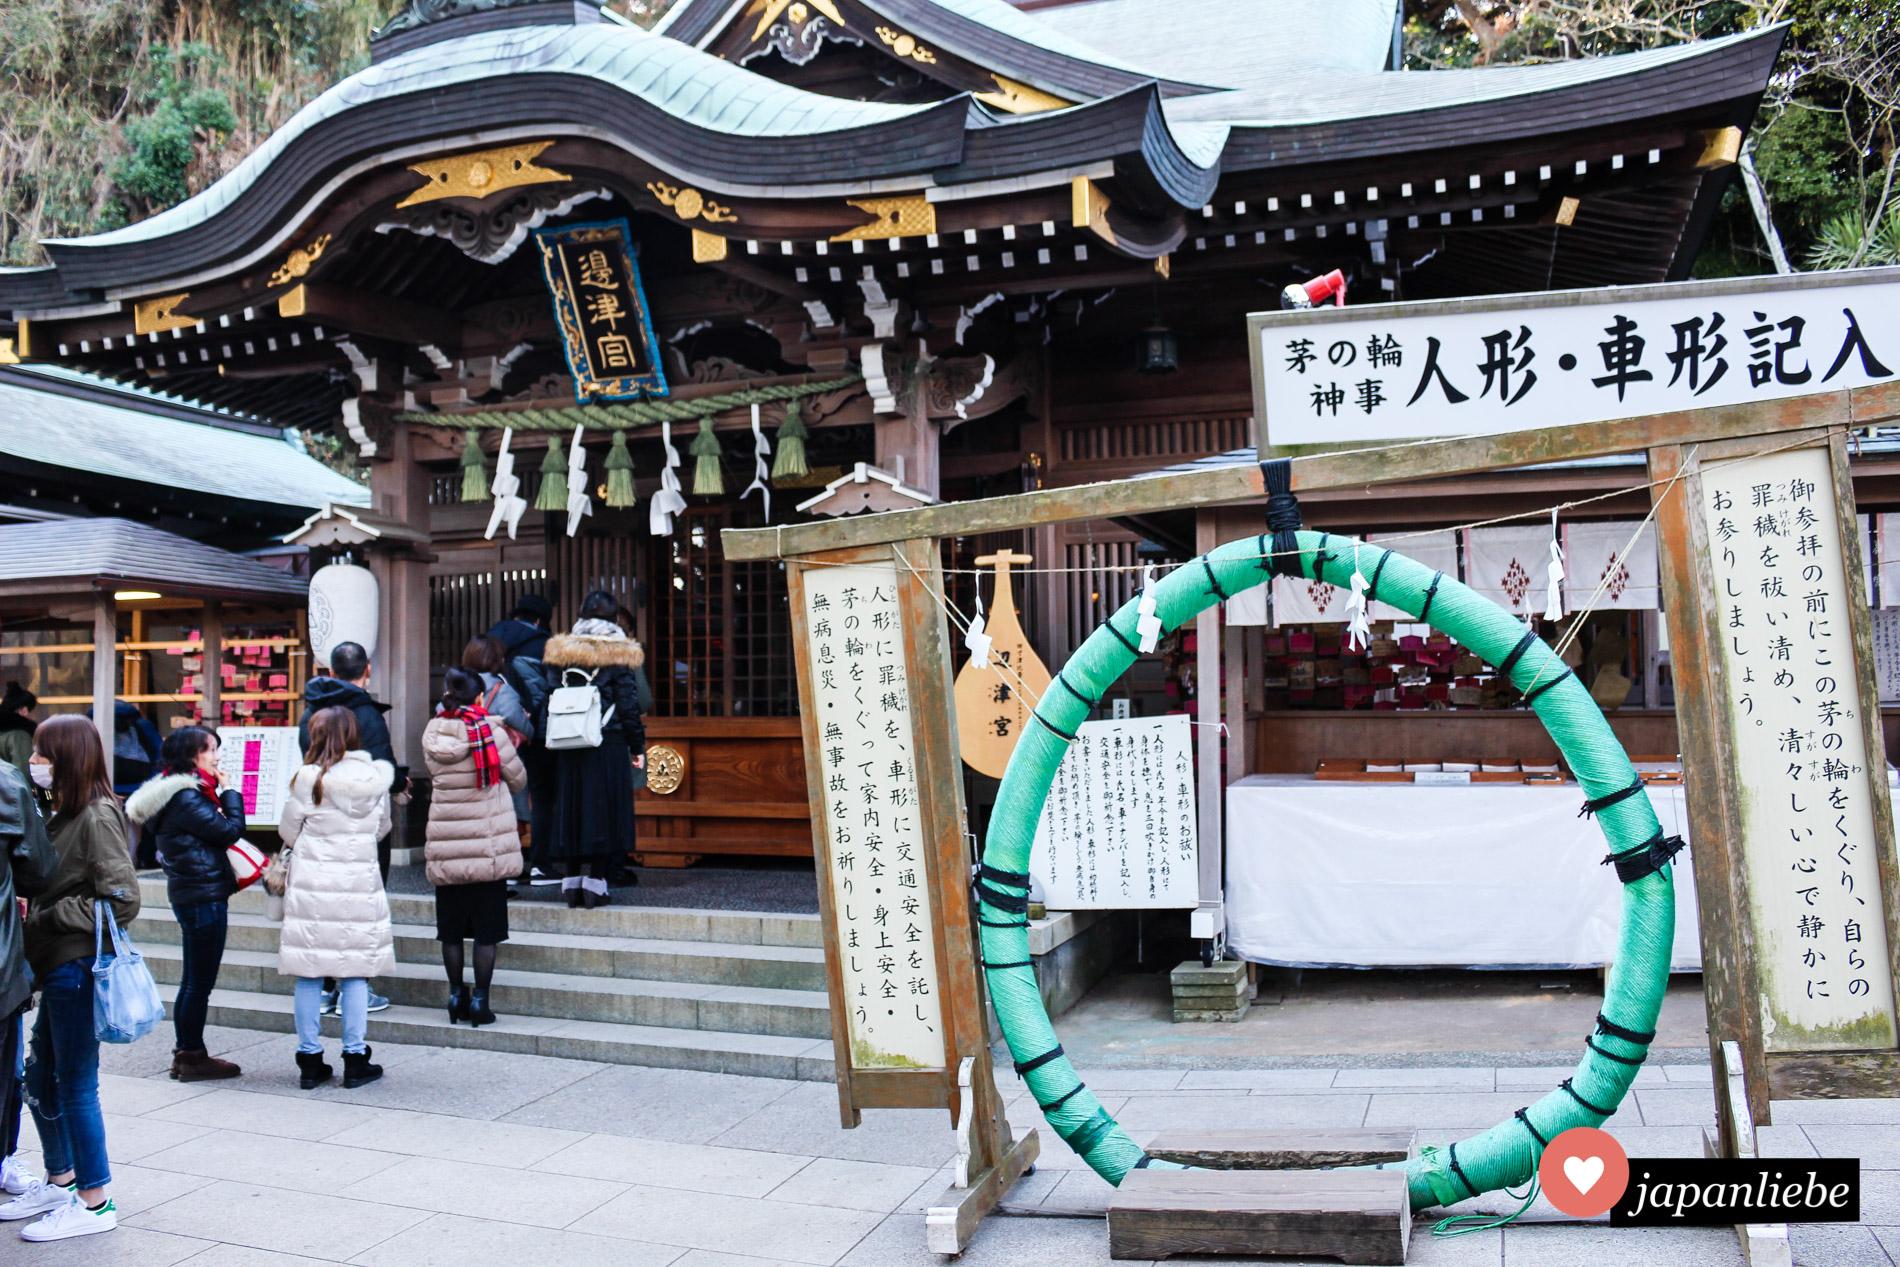 Einer der Enoshima-jinja Schreine mit einem traditionellen chinowa Grasring.